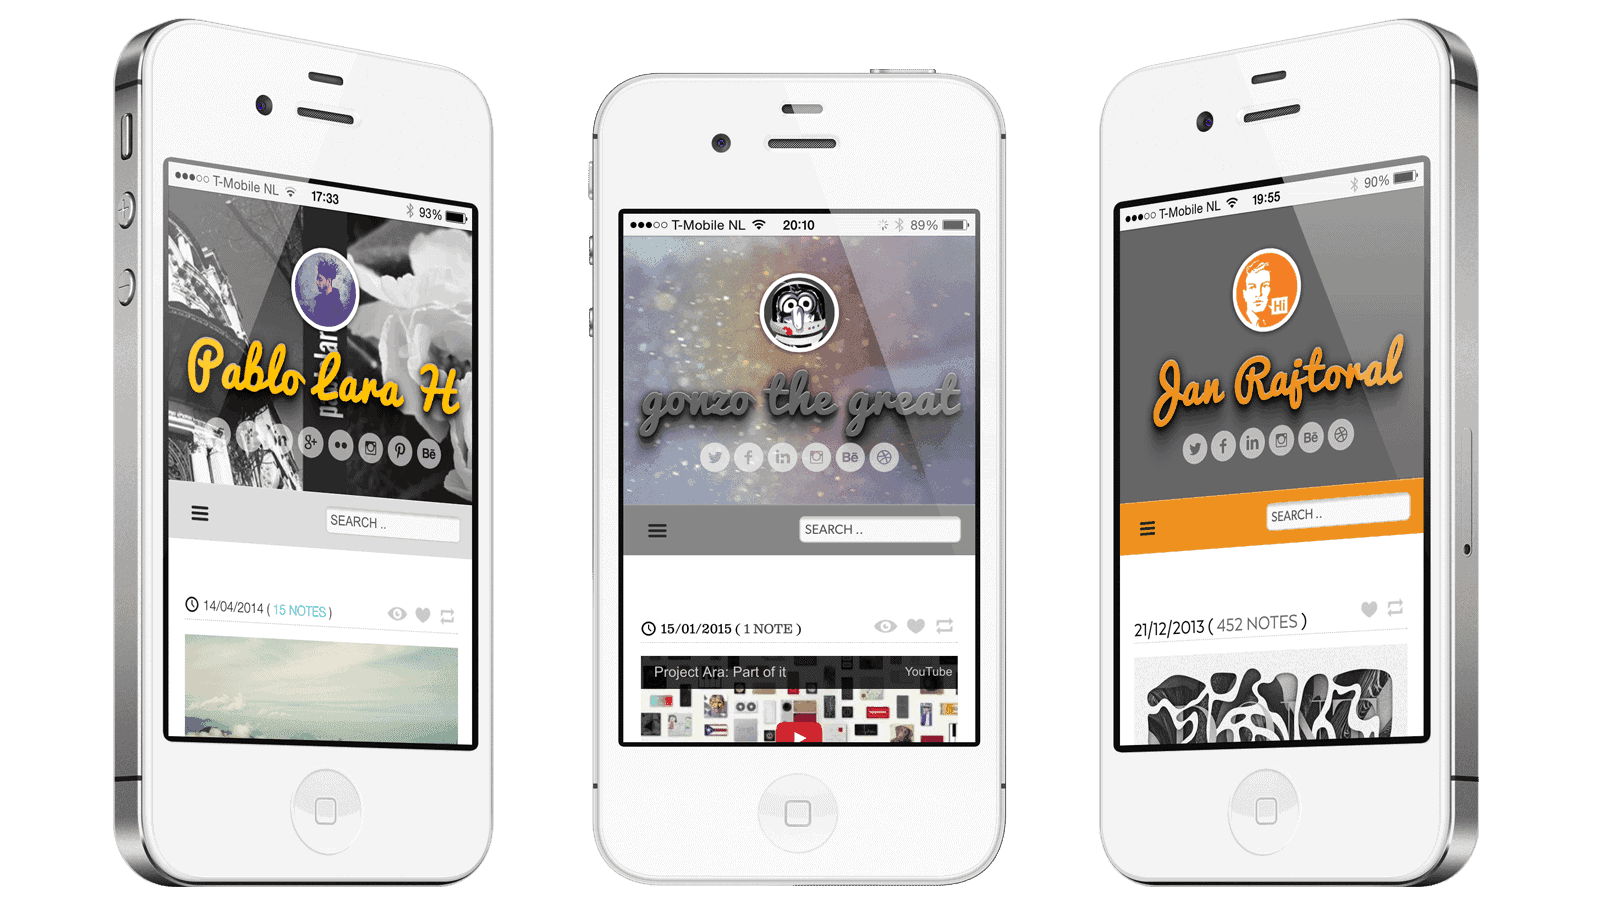 Voorbeelden van personalisatie van het Tumblr Theme op een mobiele telefoon. Alles is aan te passen in dit premium Tumblr theme.